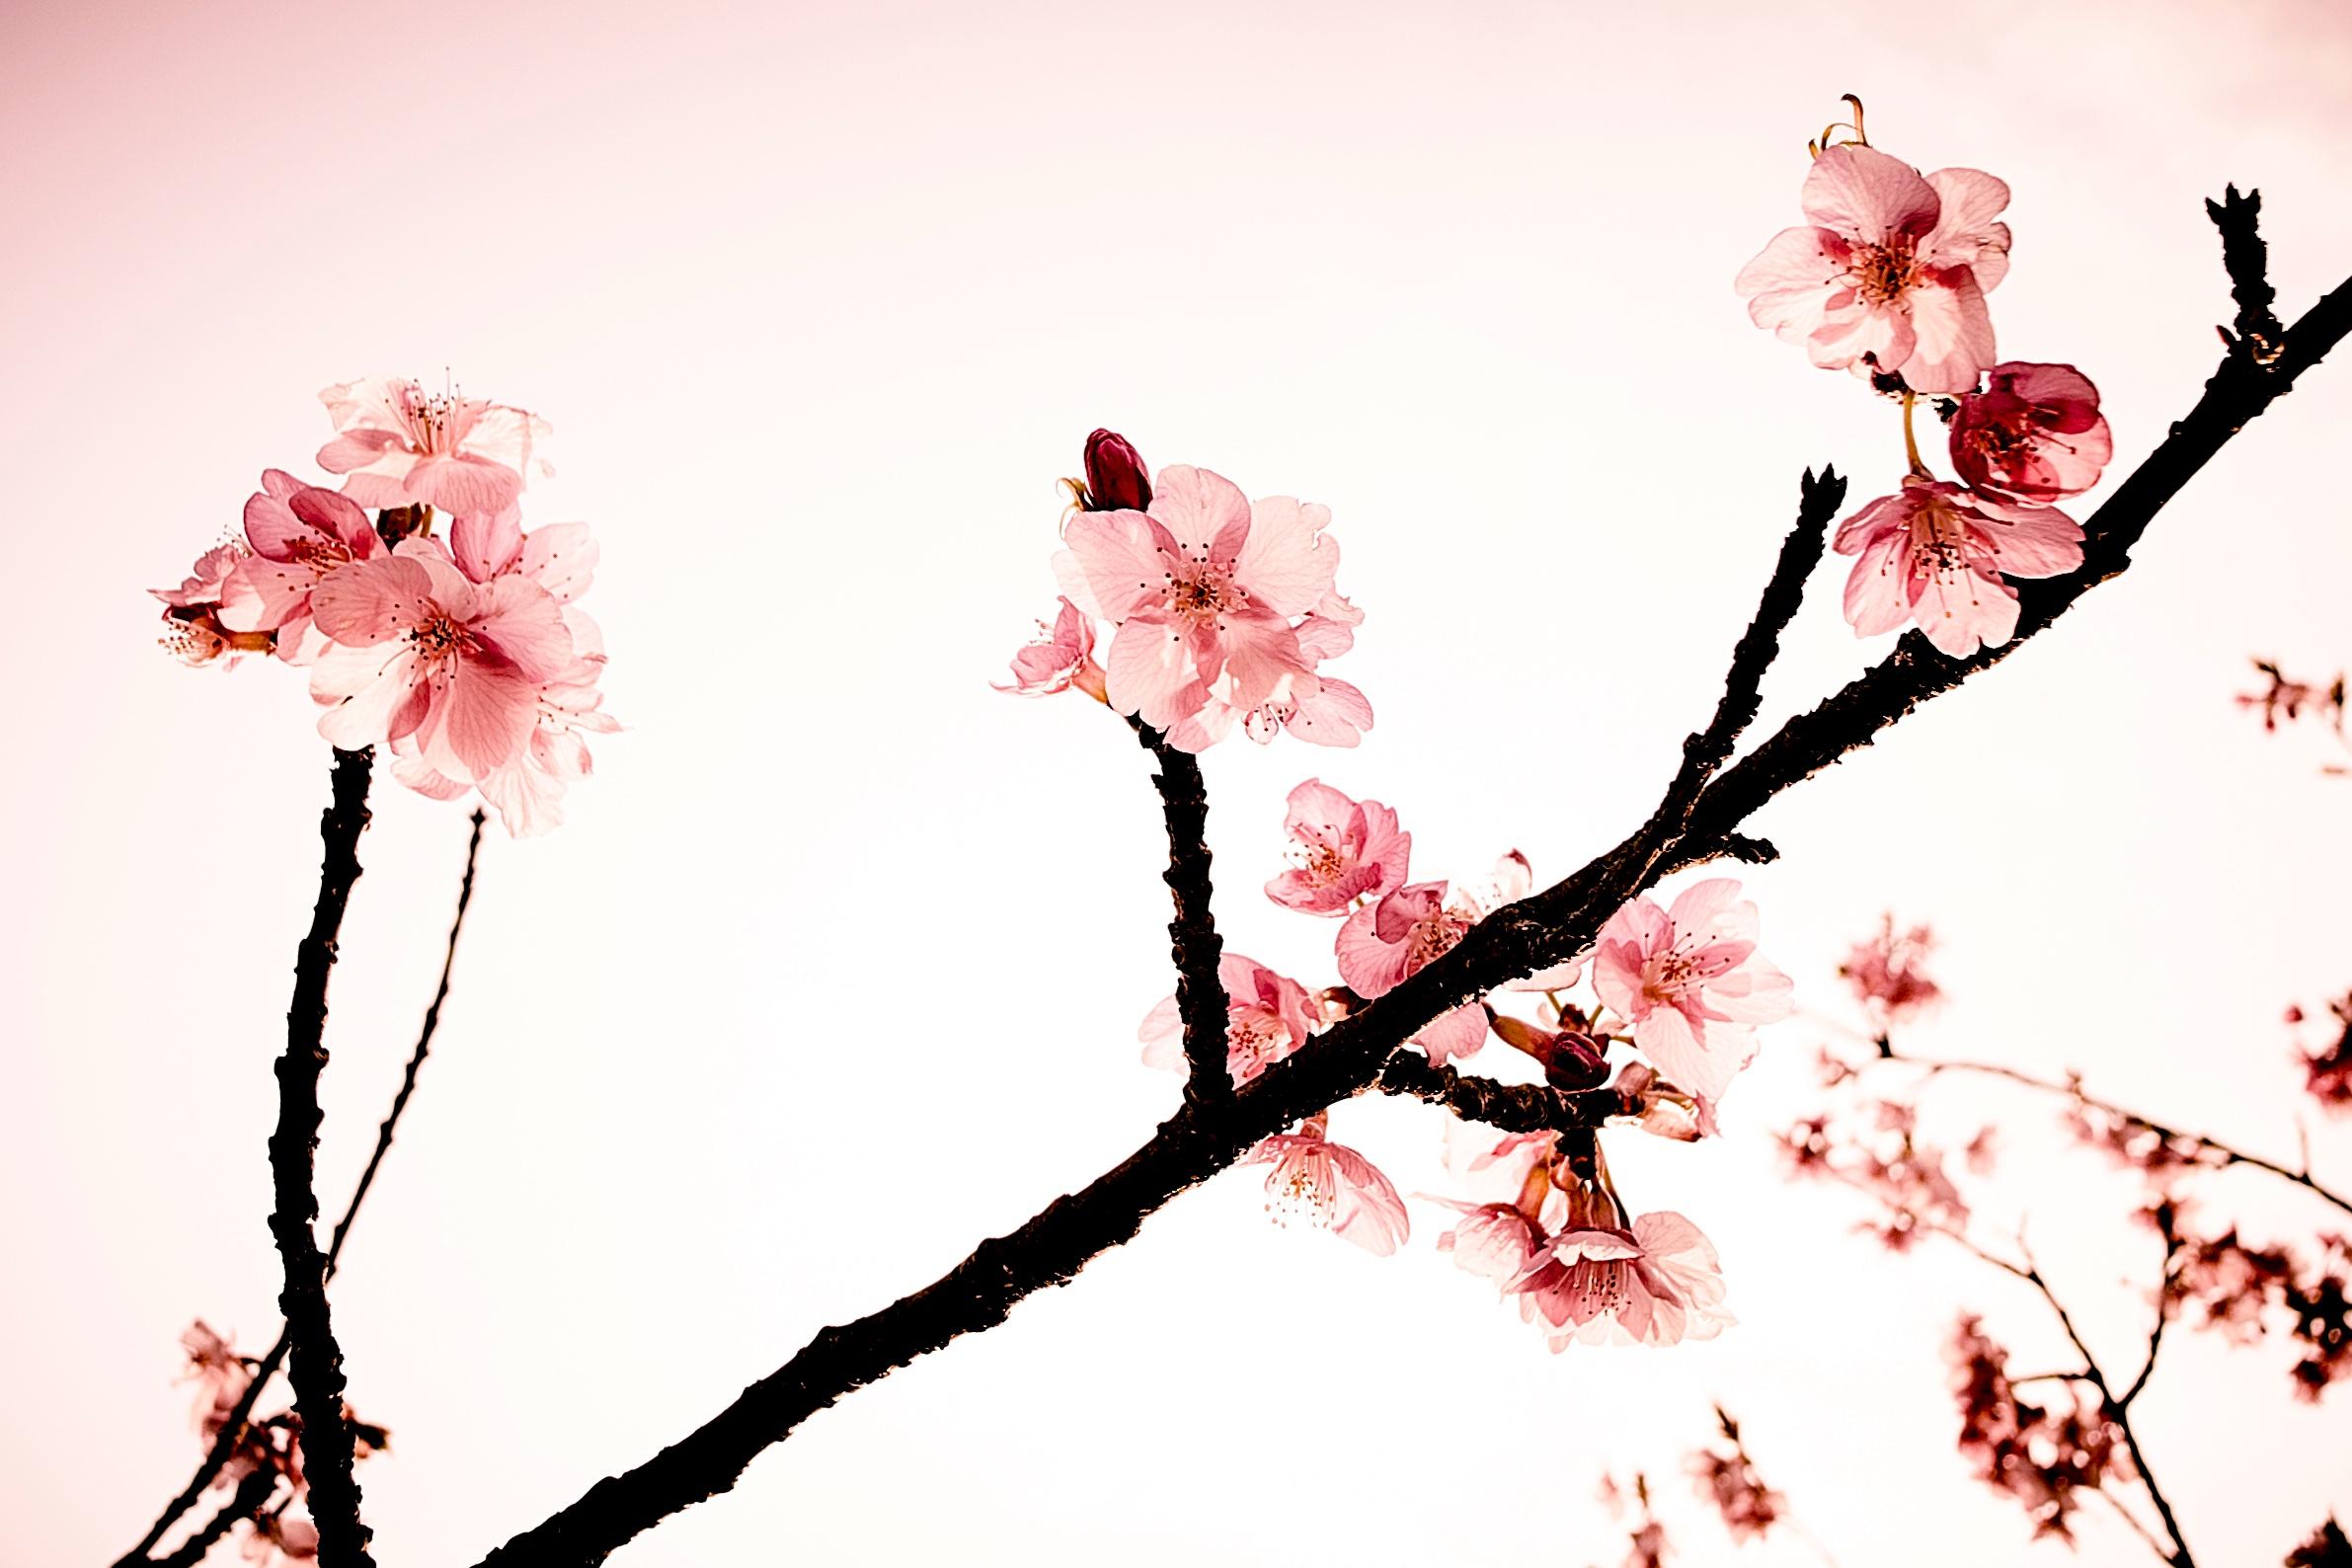 цветок картинки ветвь сакуры облачилась